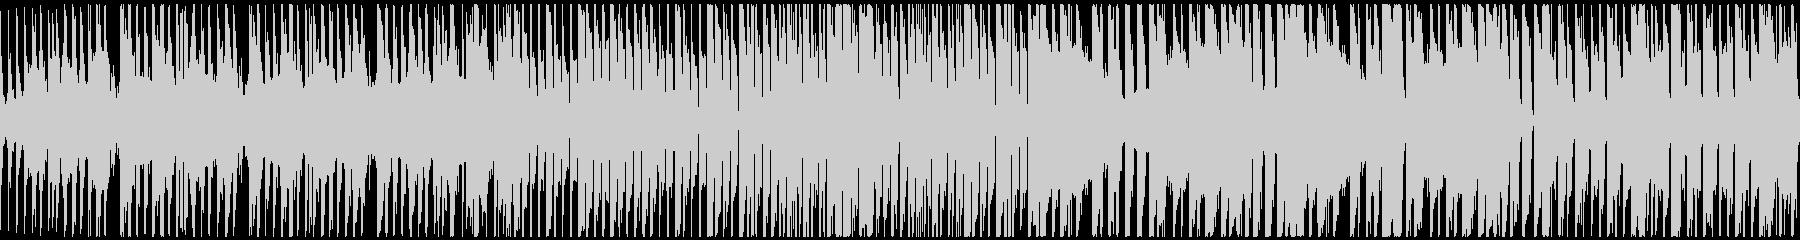 ピアノとブレイクビートのシンプルな曲の未再生の波形